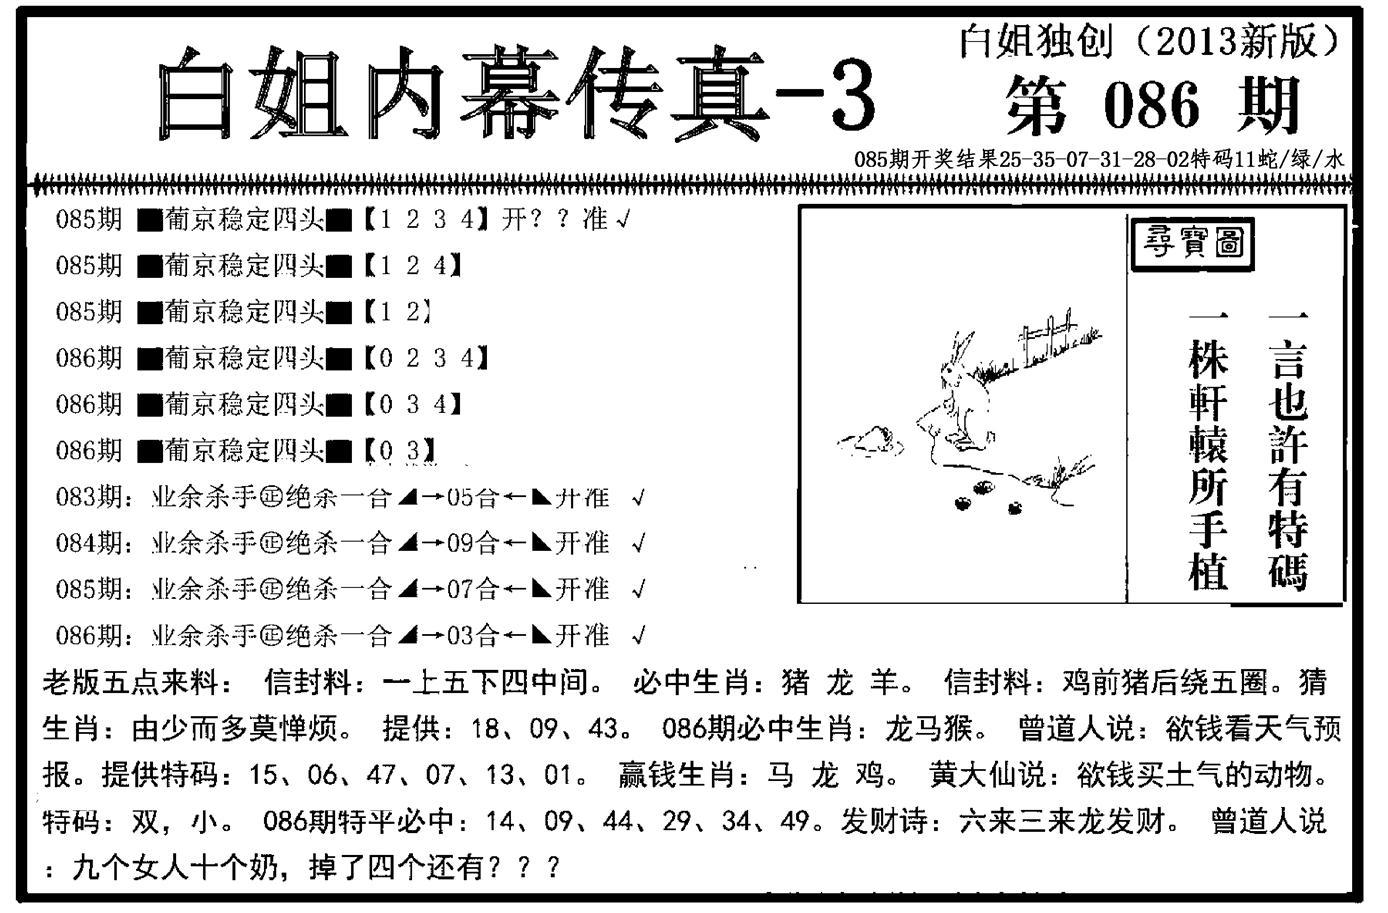 086期白姐内幕传真-3(黑白)